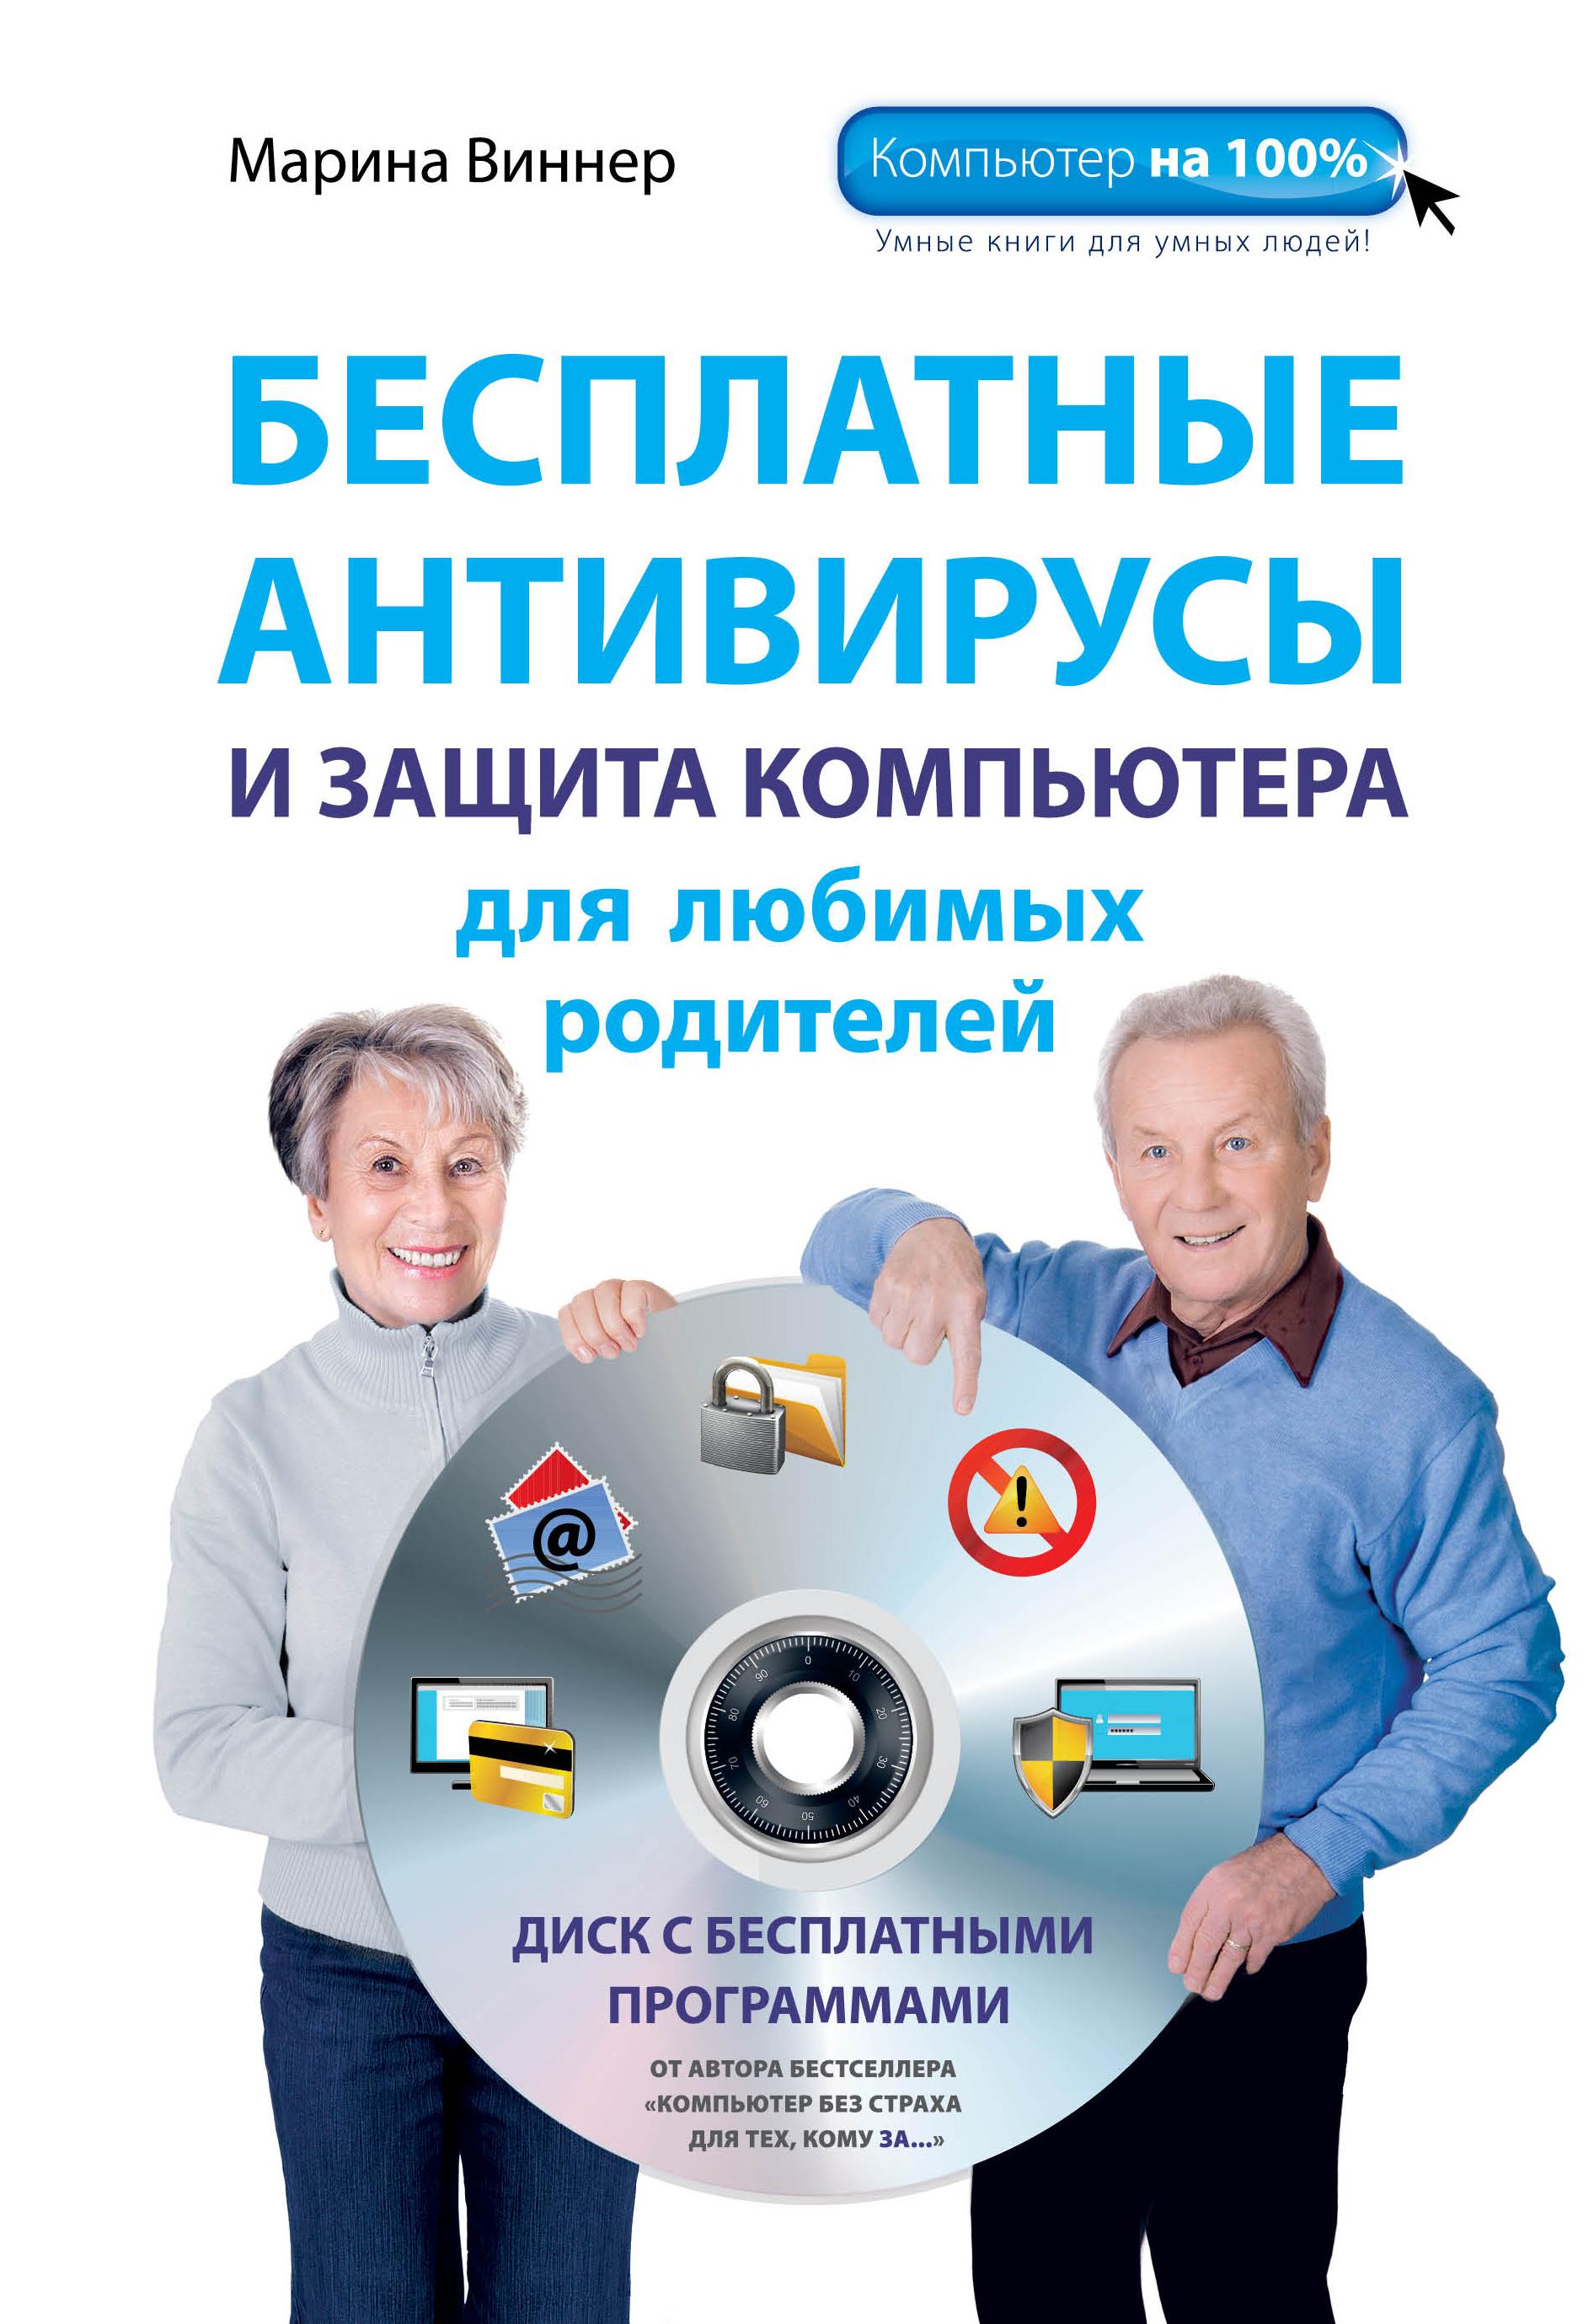 Виннер М. Бесплатные антивирусы и защита компьютера для любимых родителей (+DVD)